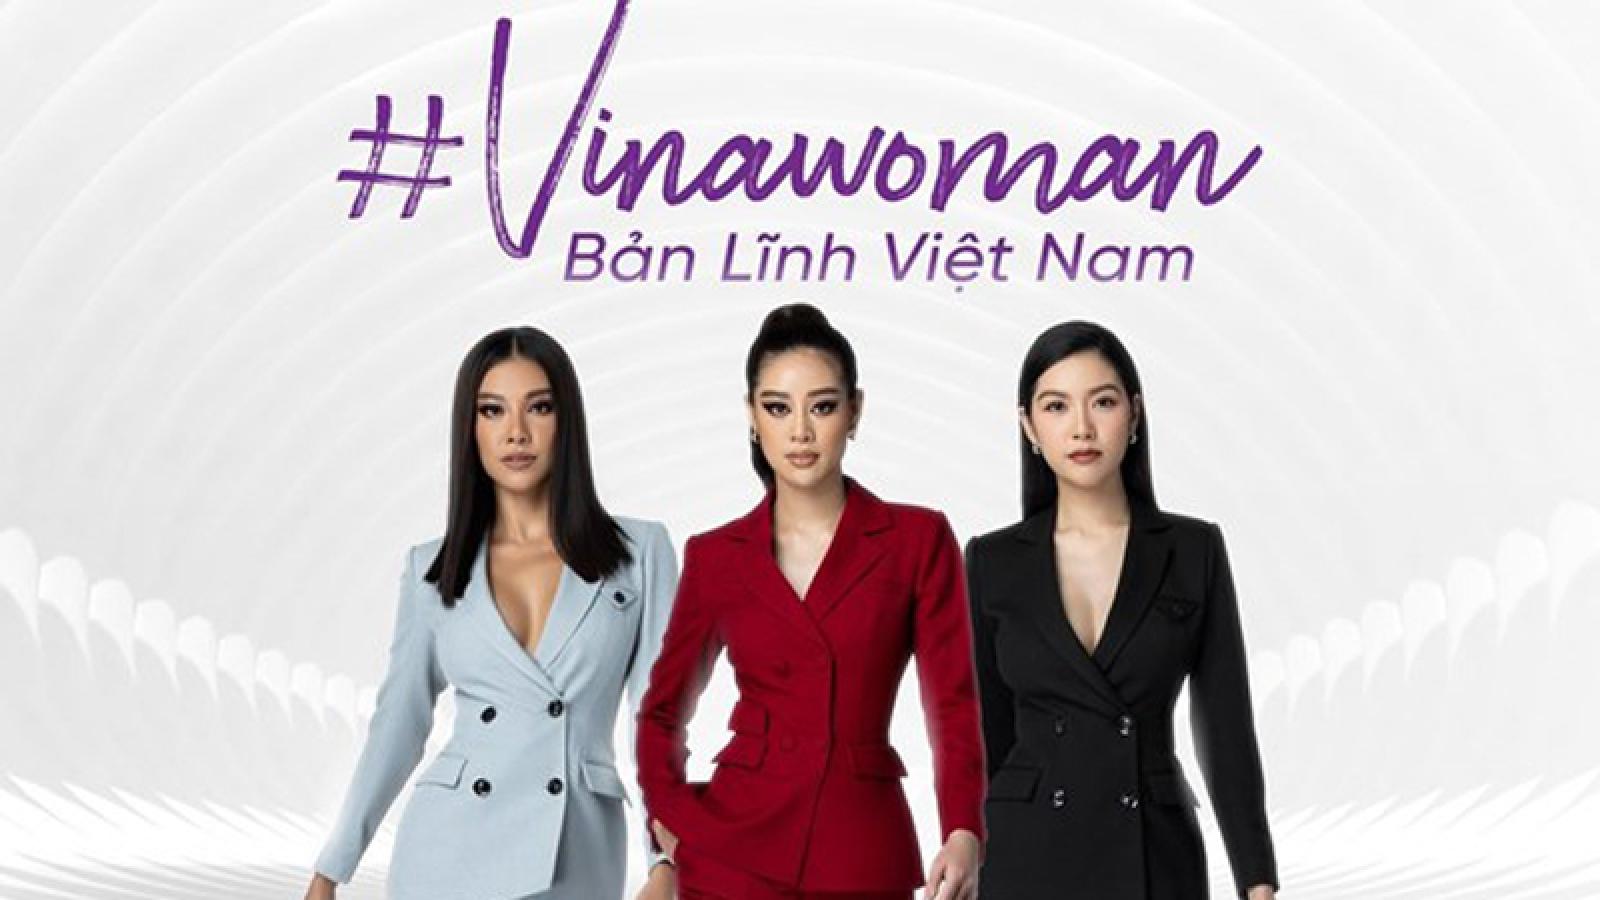 Miss Universe Vietnam 2021 extends application deadline